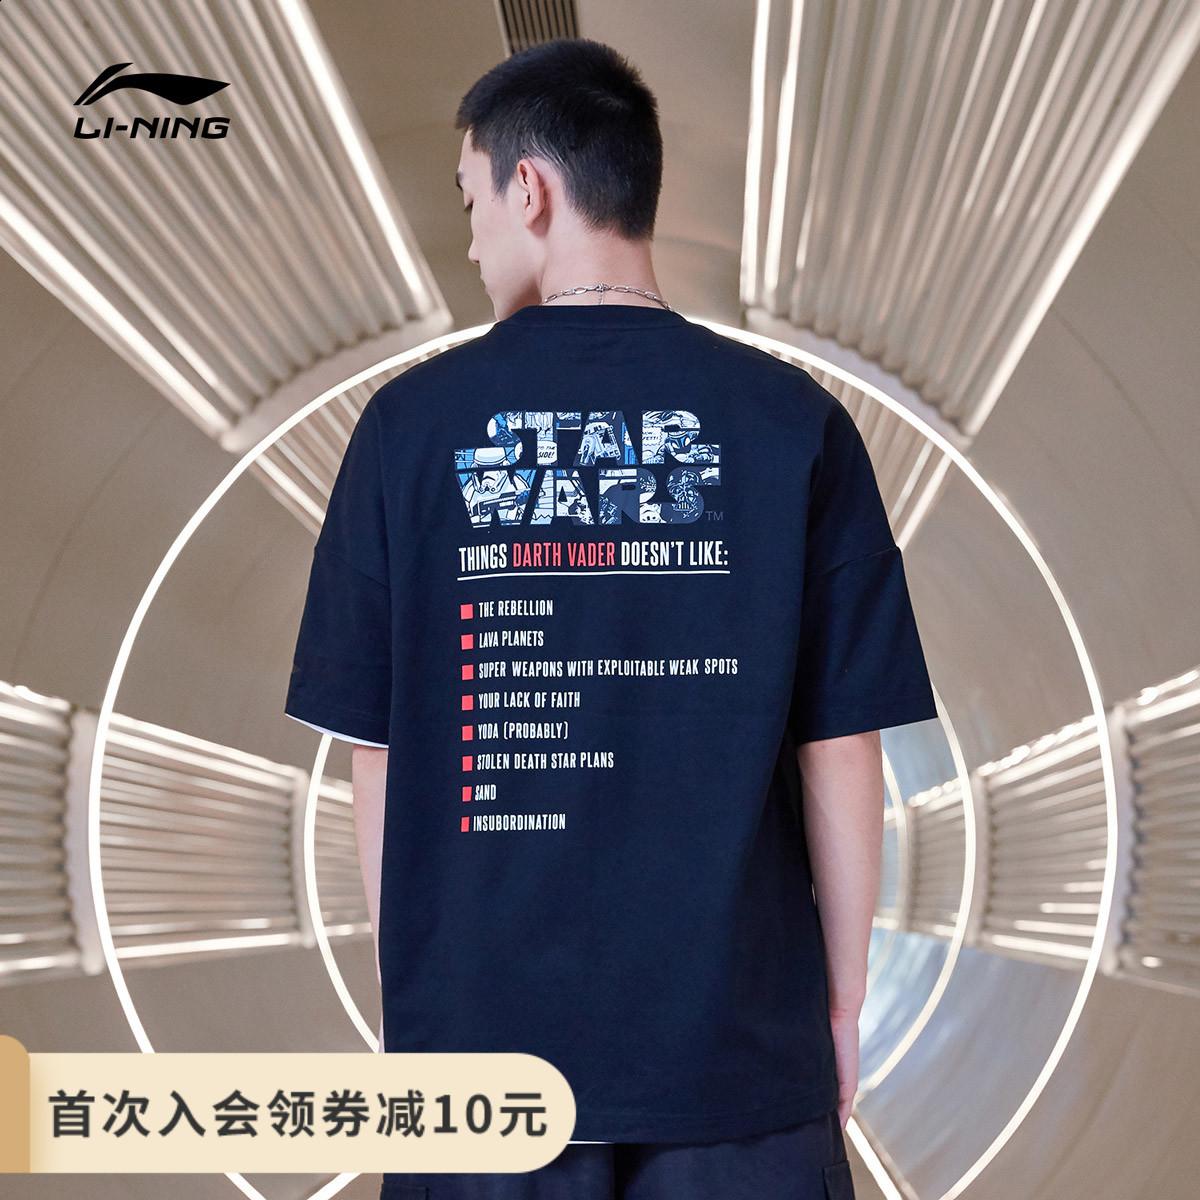 李宁星球大战联名系列短袖男士2021夏季新款休闲男装印花运动T恤